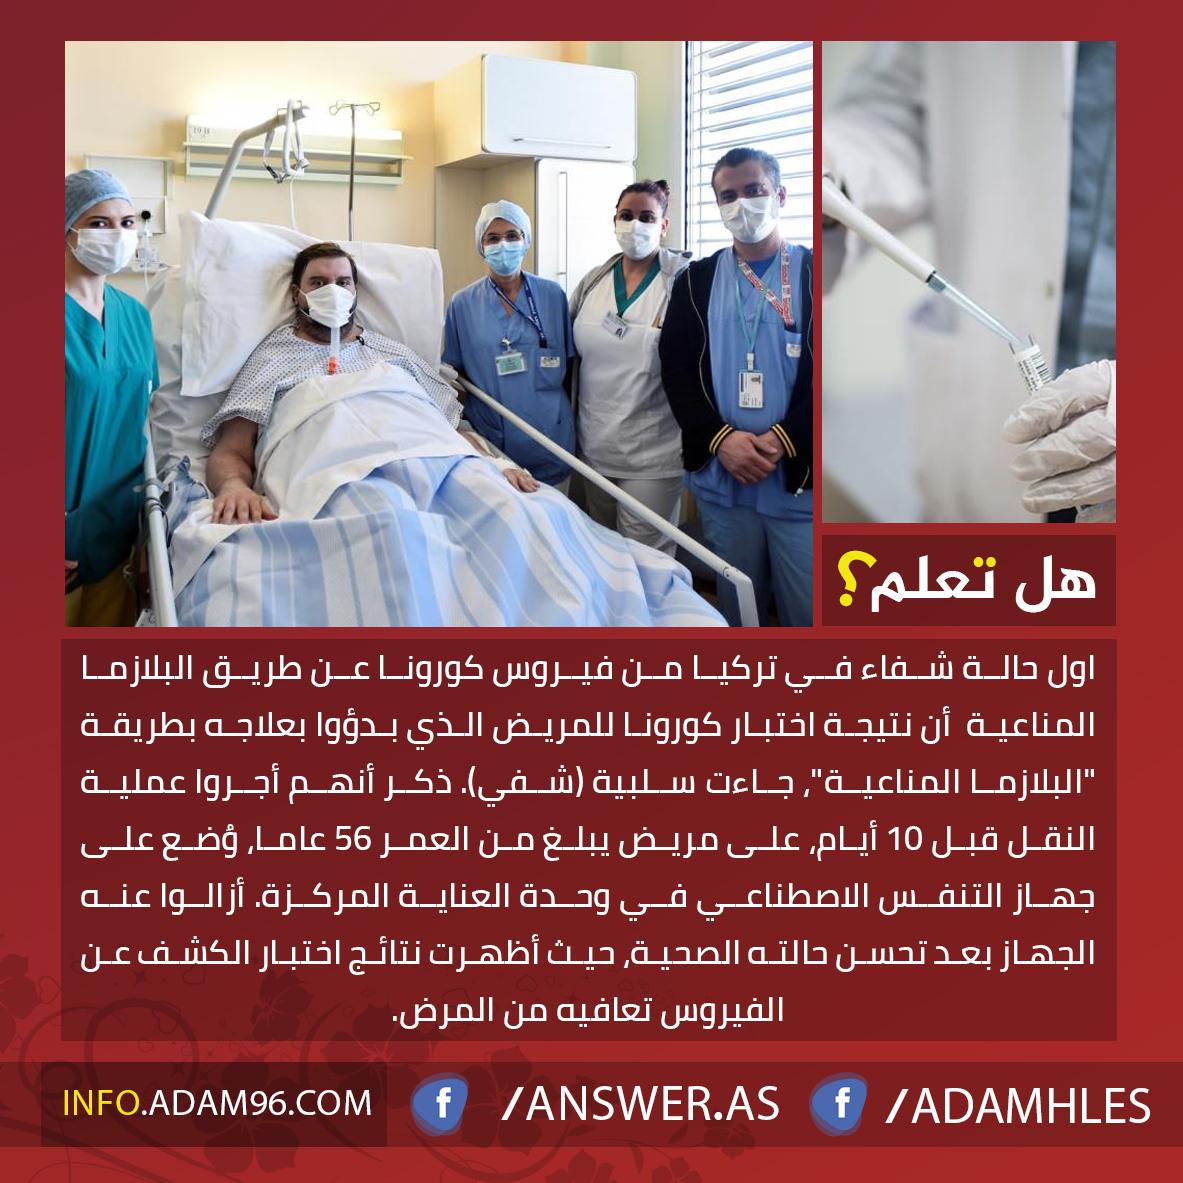 هل تعلم عن اول حالة شفاء من فيروس كورونا في تركيا عن طريق البلازما المناعية